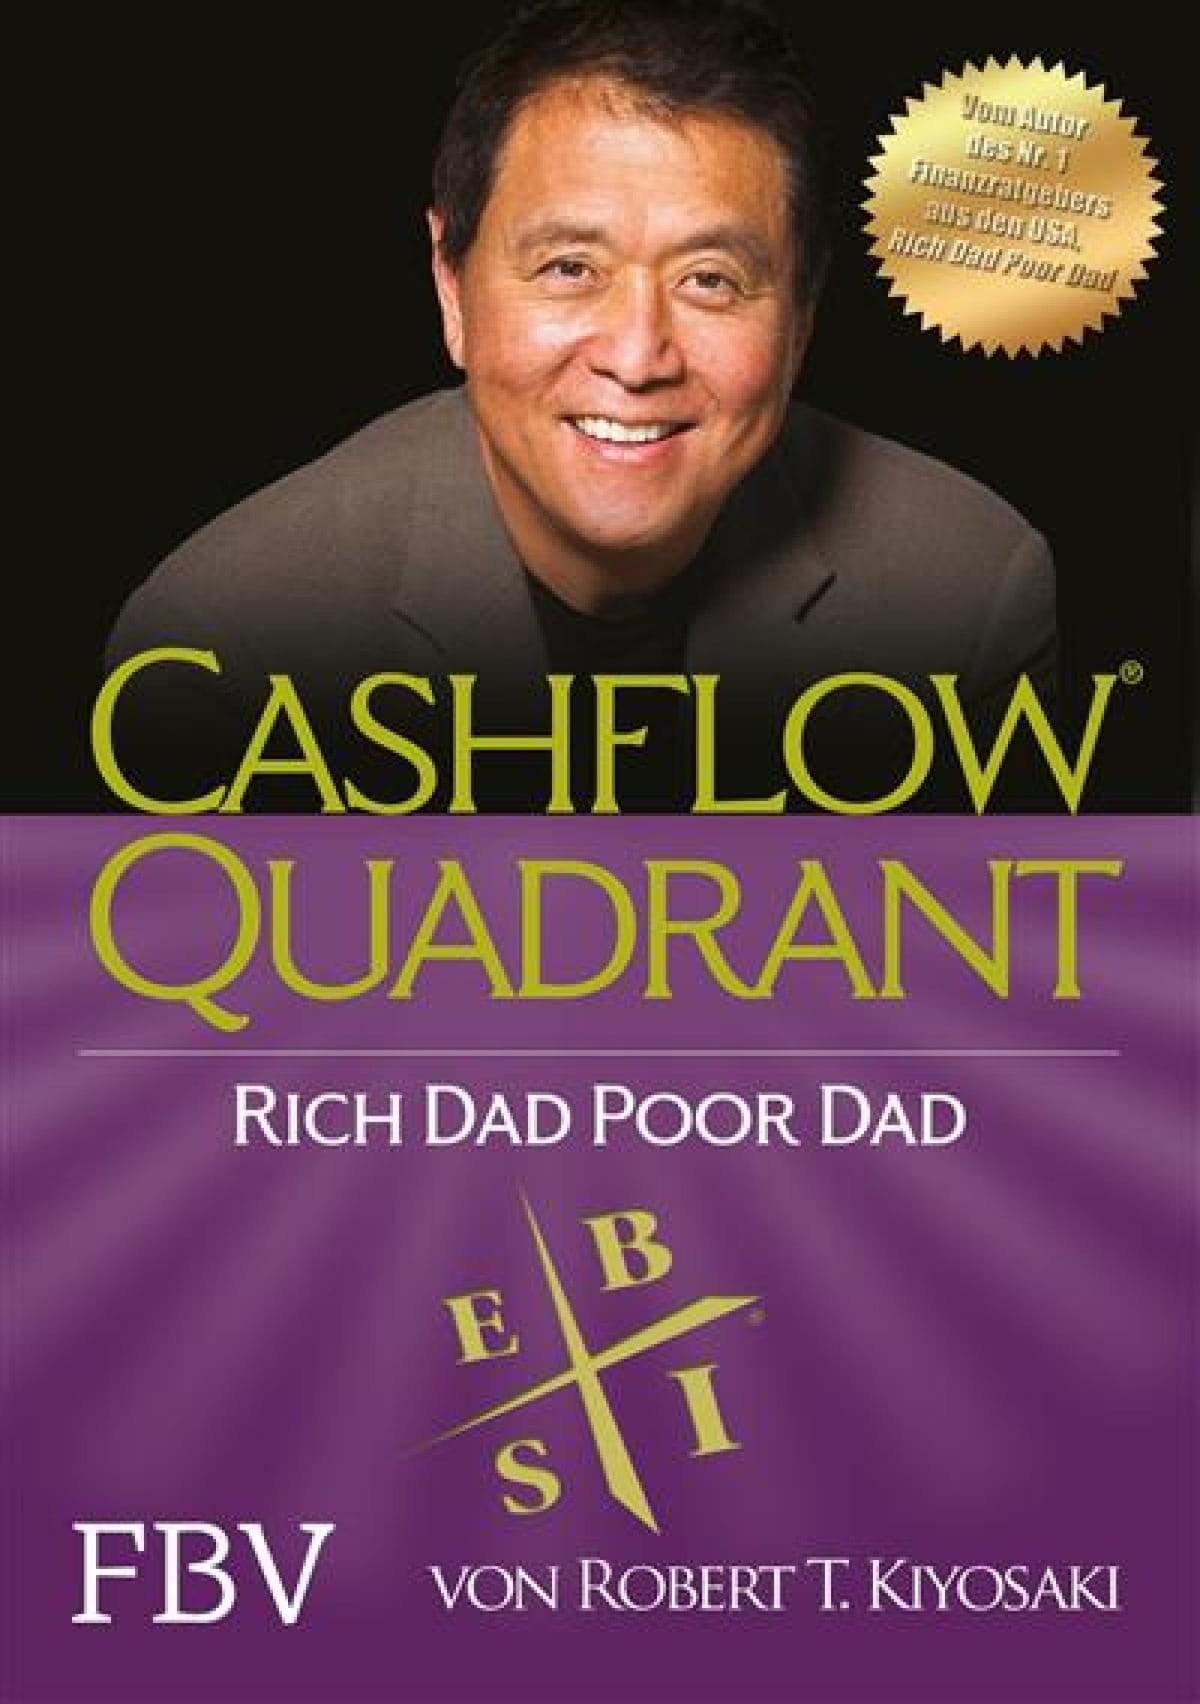 Cashflow Quadrant Rich Dad Poor Dad Ebook Por Robert T